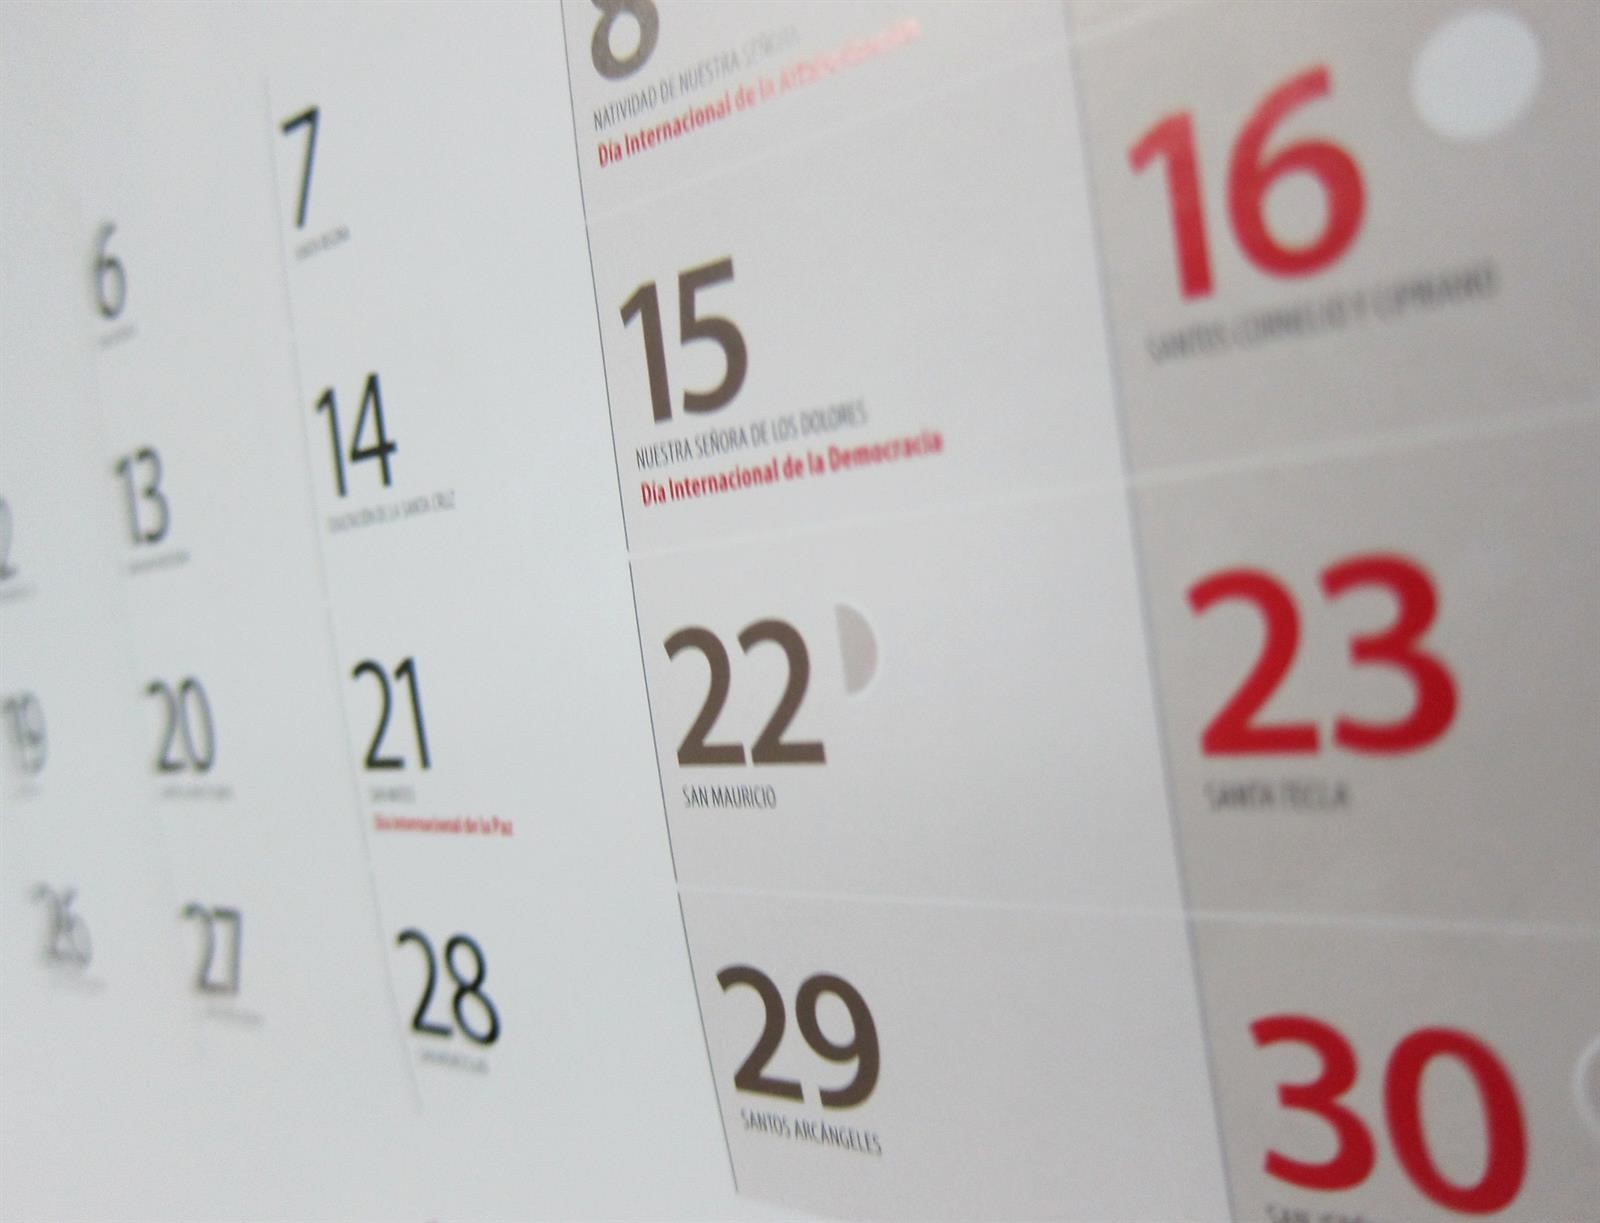 Calendario 2020 Marzo Abril.Publicado El Calendario Laboral De Clm Para 2020 La Voz